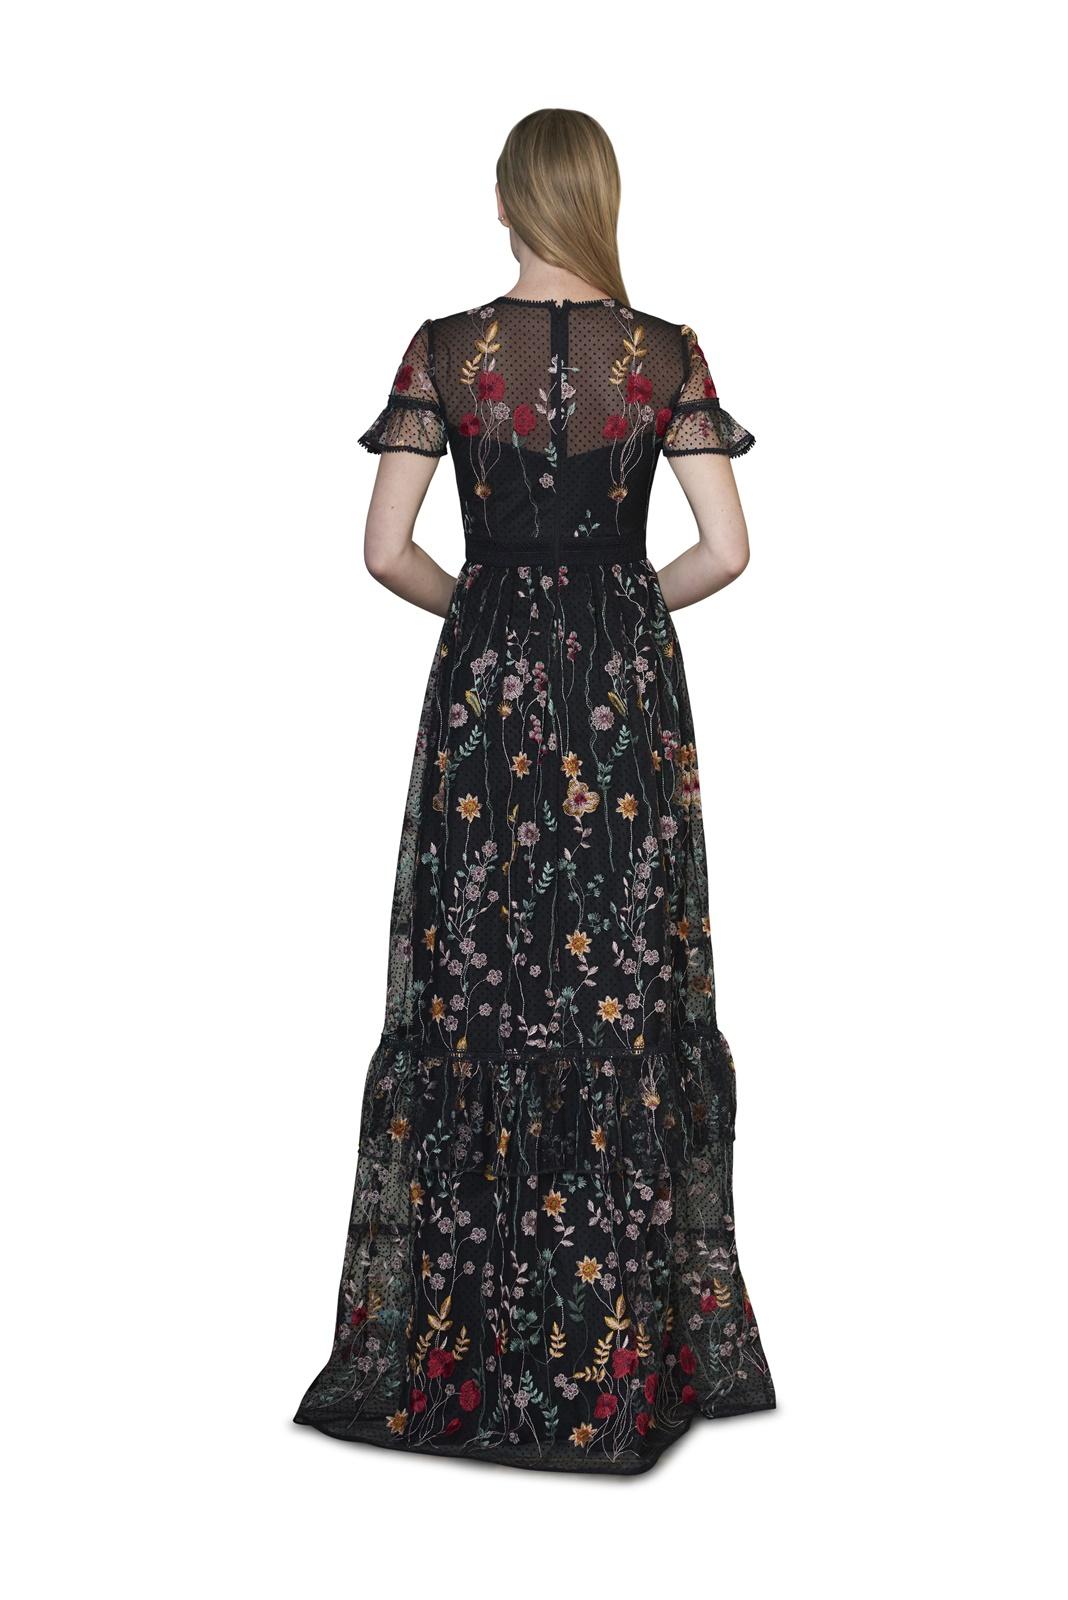 赤や黄色の花柄の刺繍がされた黒いチュールの半袖のロングワンピースはエムエル・モニークルイリエ(MLMonique Lhuilier)のロングドレス